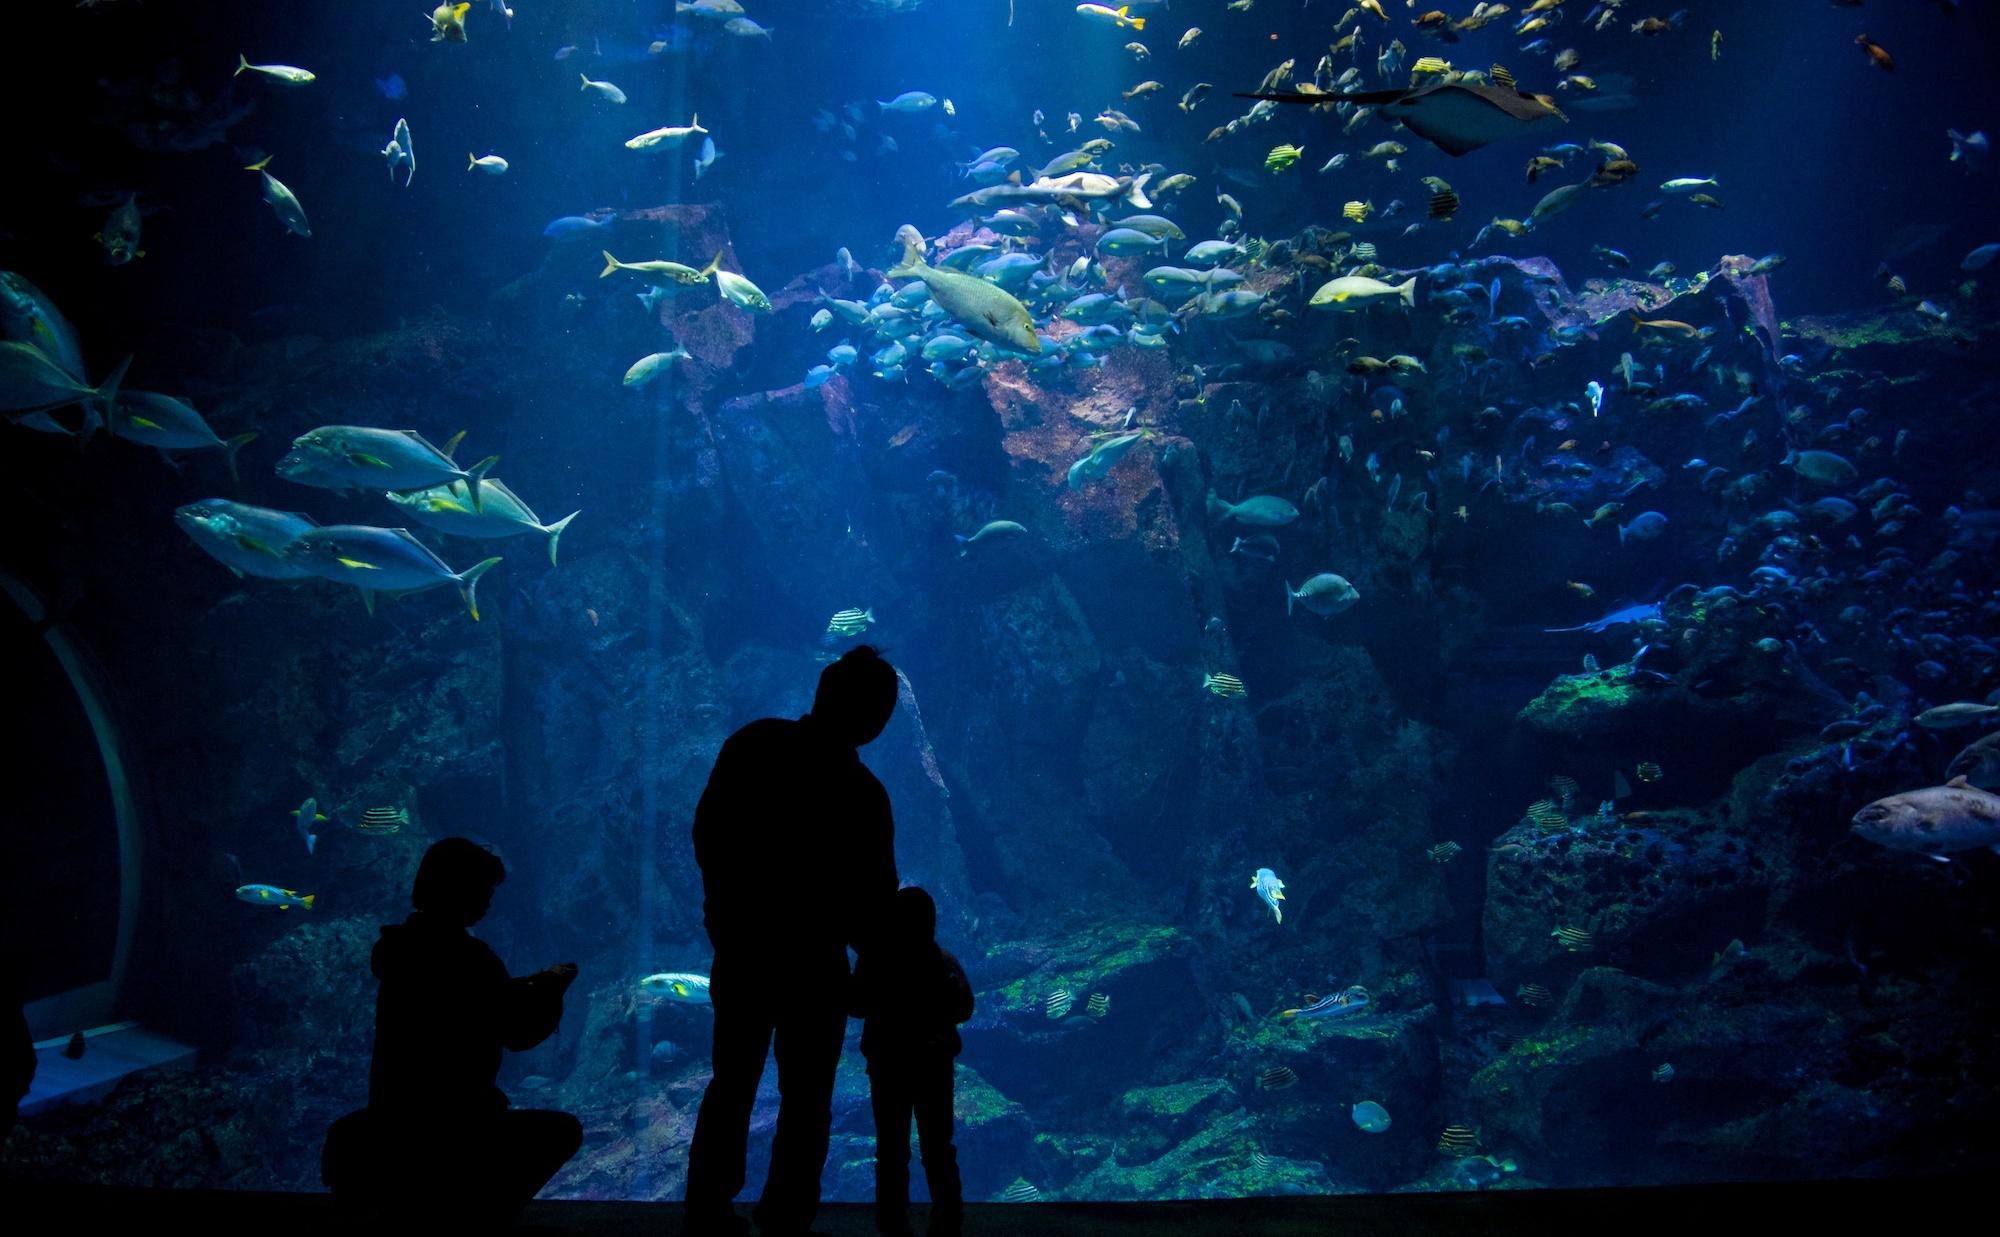 Oga aquarium